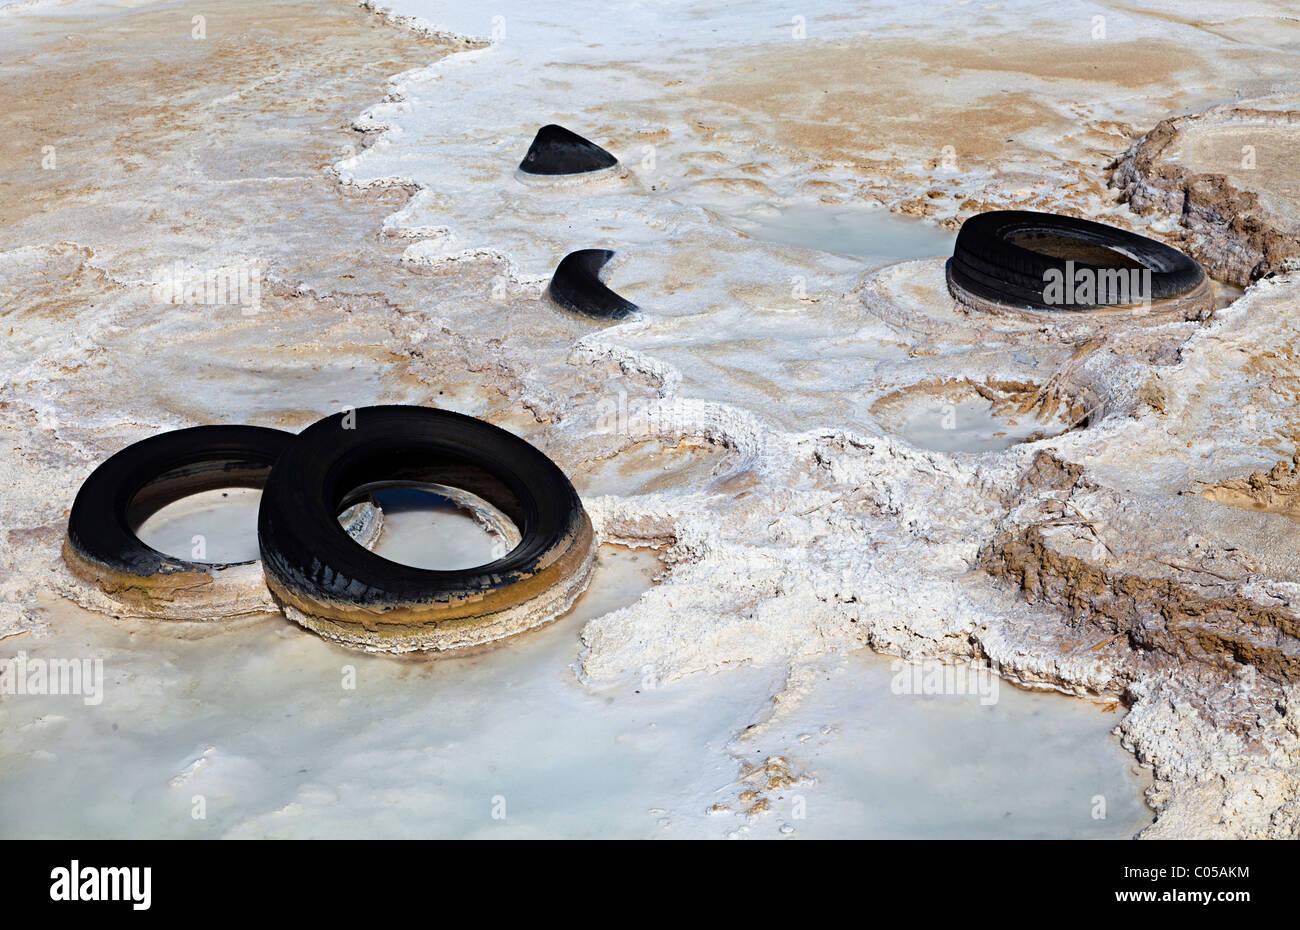 Pneus de voiture faisant l'objet d'un tuf situé dans la pollution de l'eau dans l'omble bas Photo Stock